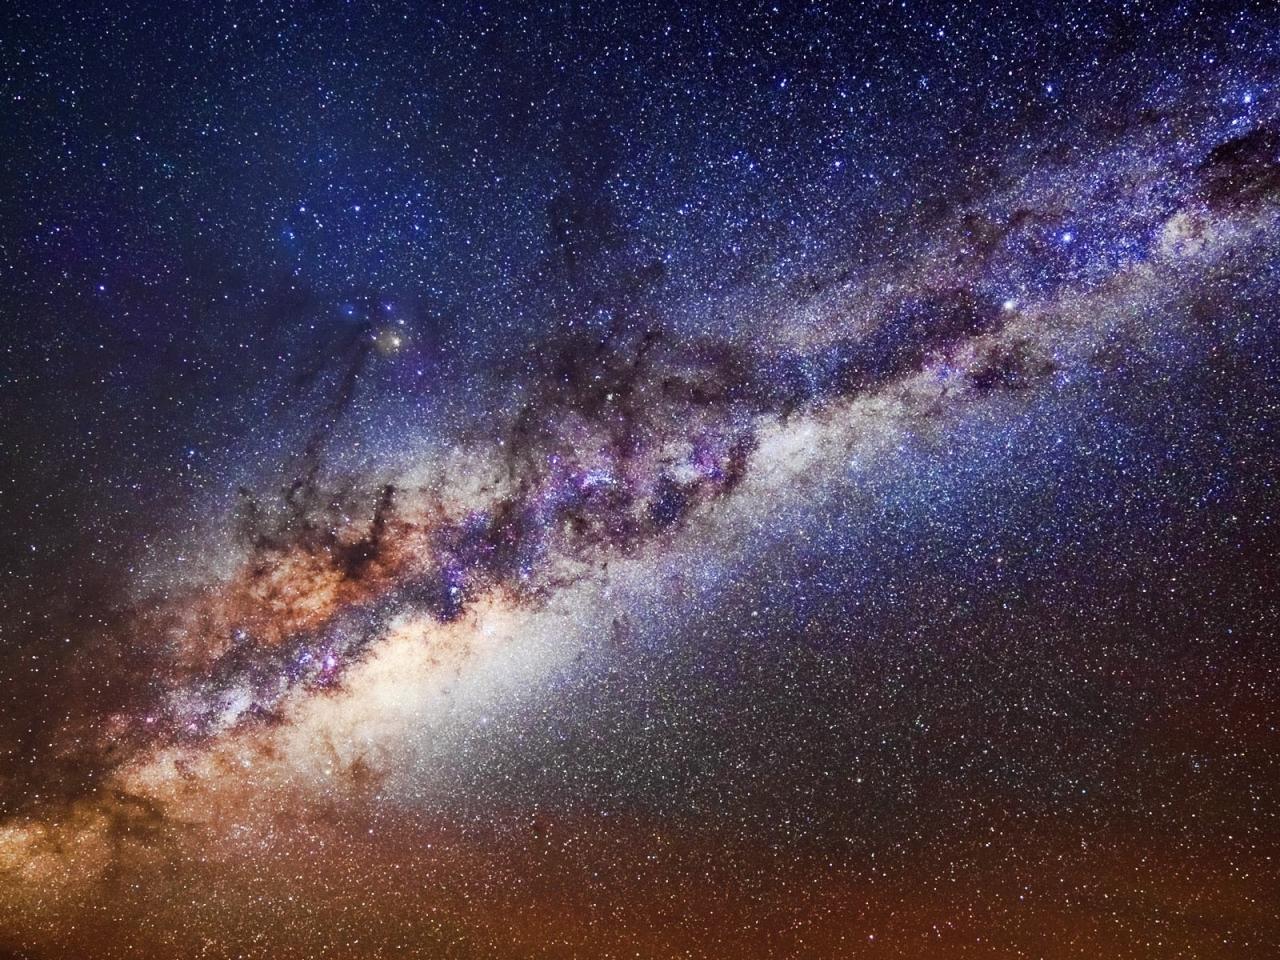 Nebulosas y el espacio - 1280x960